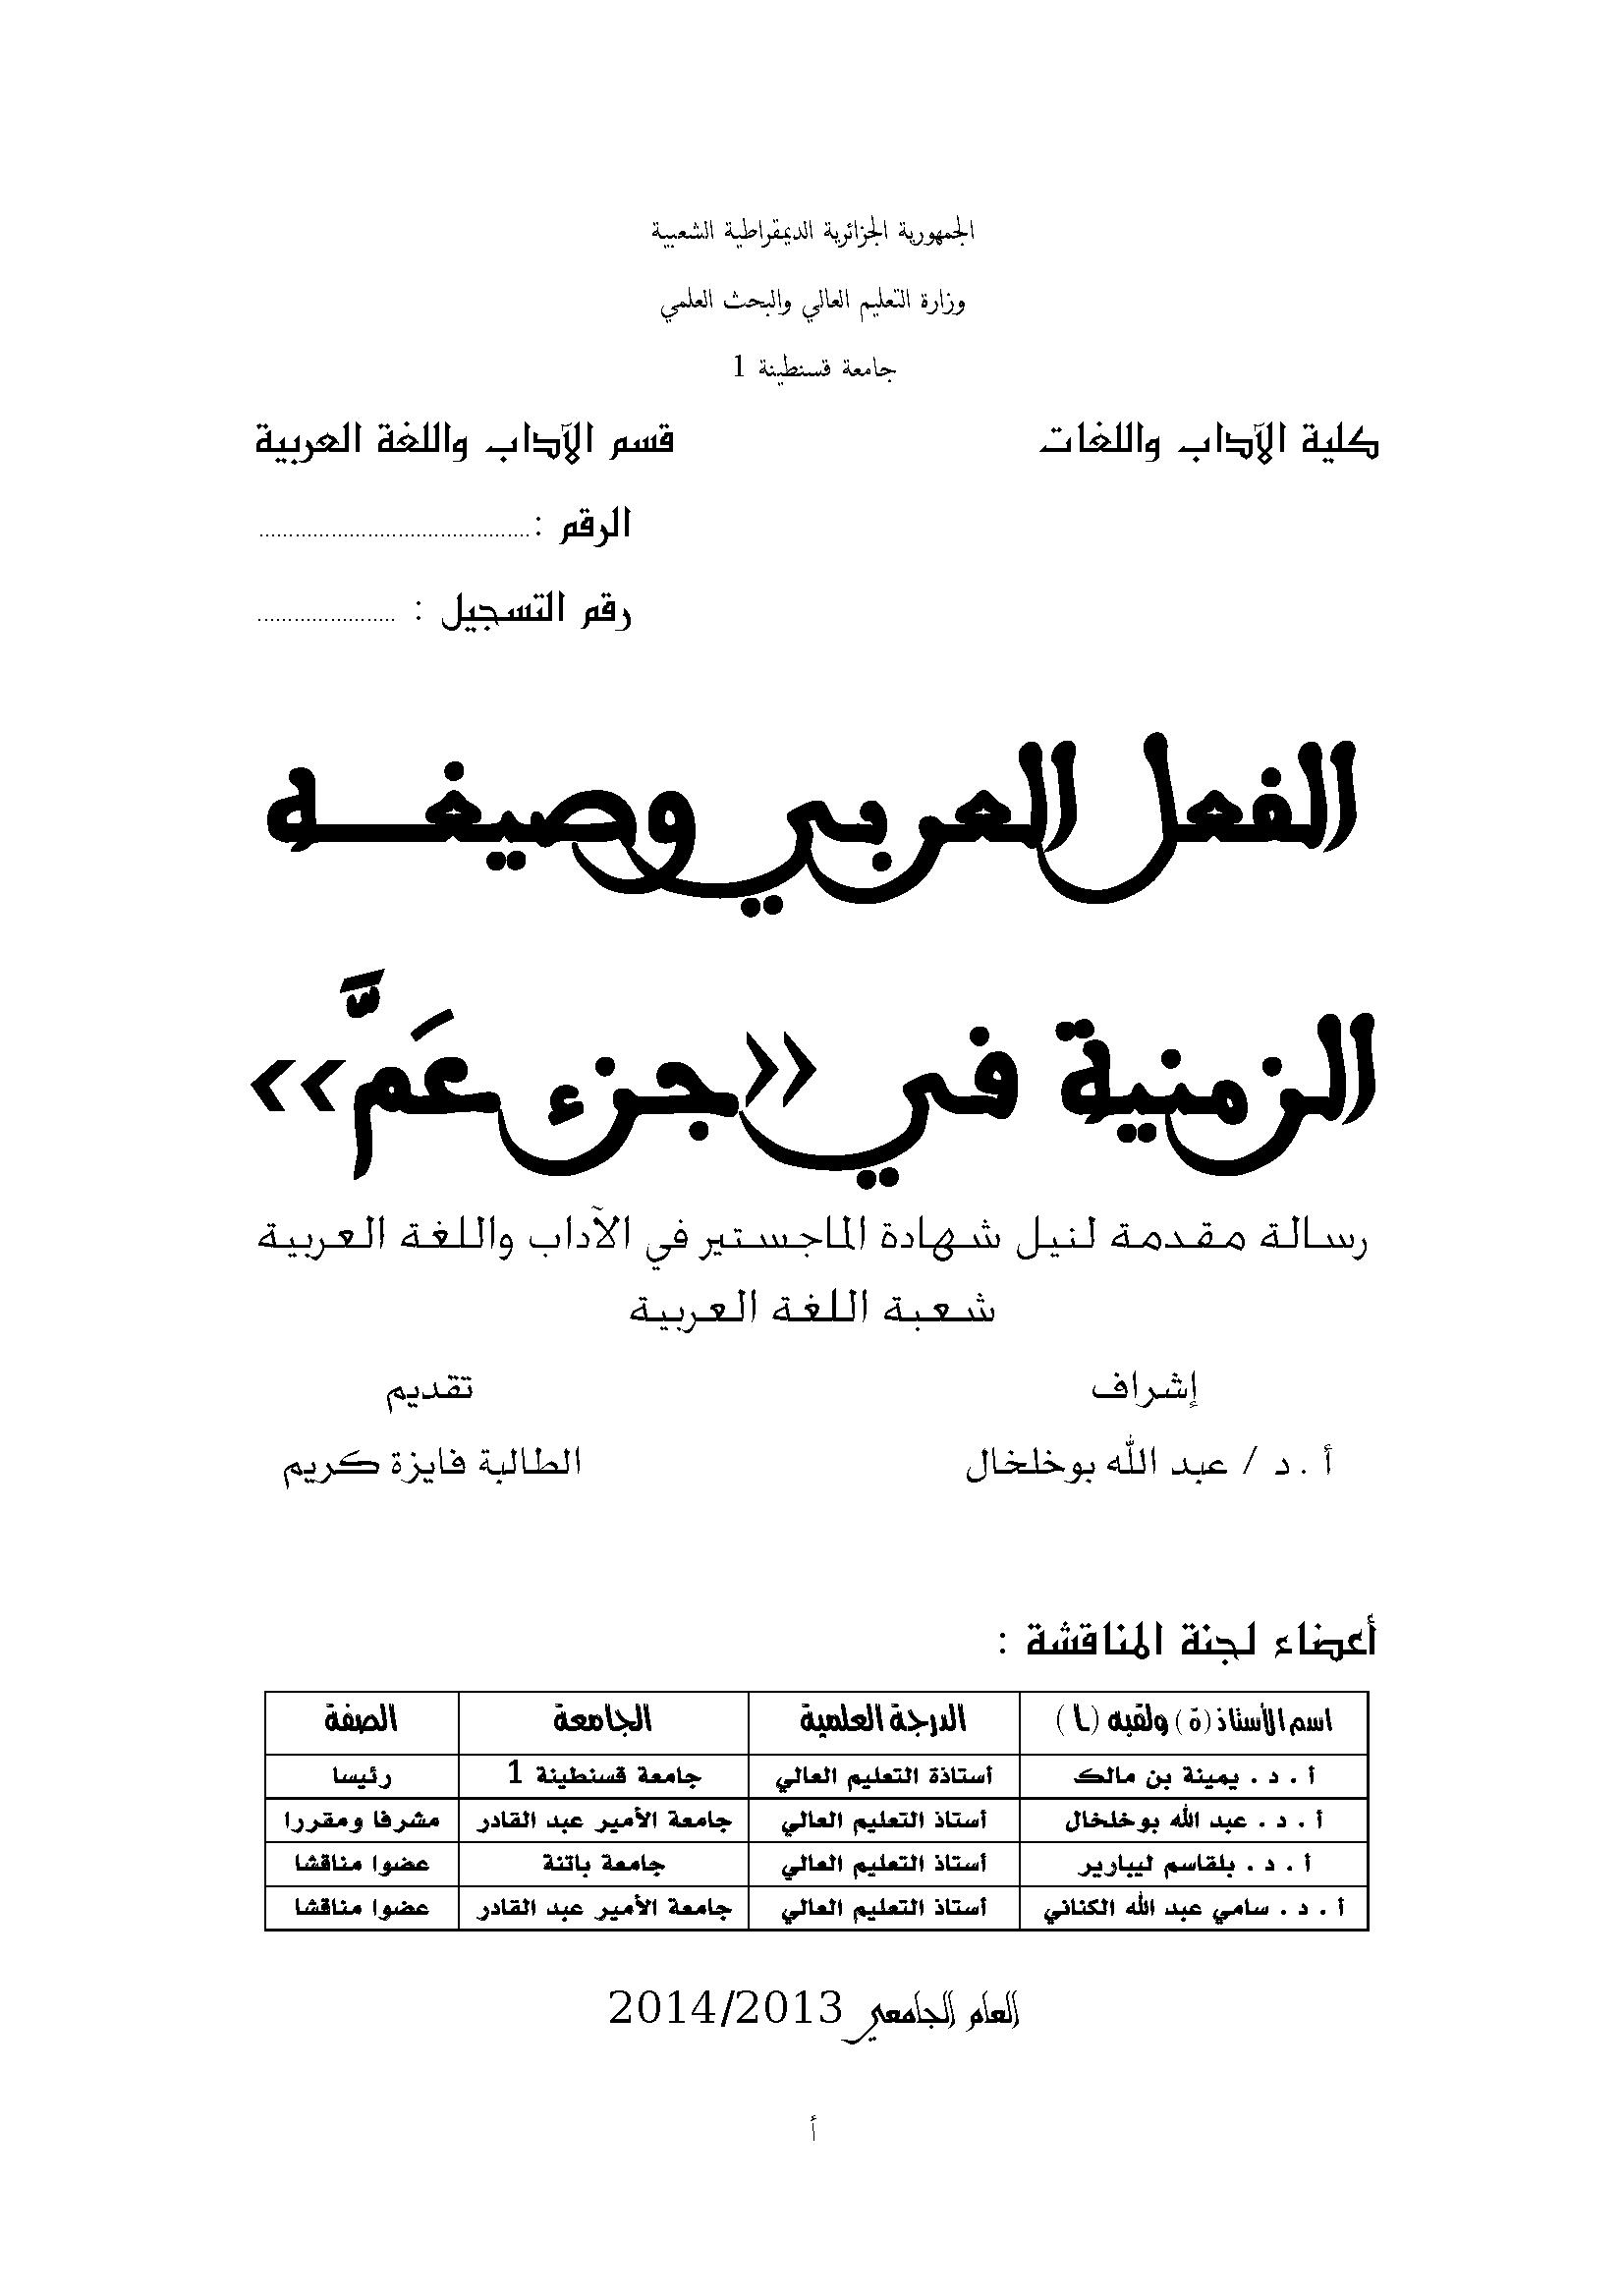 الفعل العربي وصيغه الزمنية في «جزء عم» - فايزة كريم